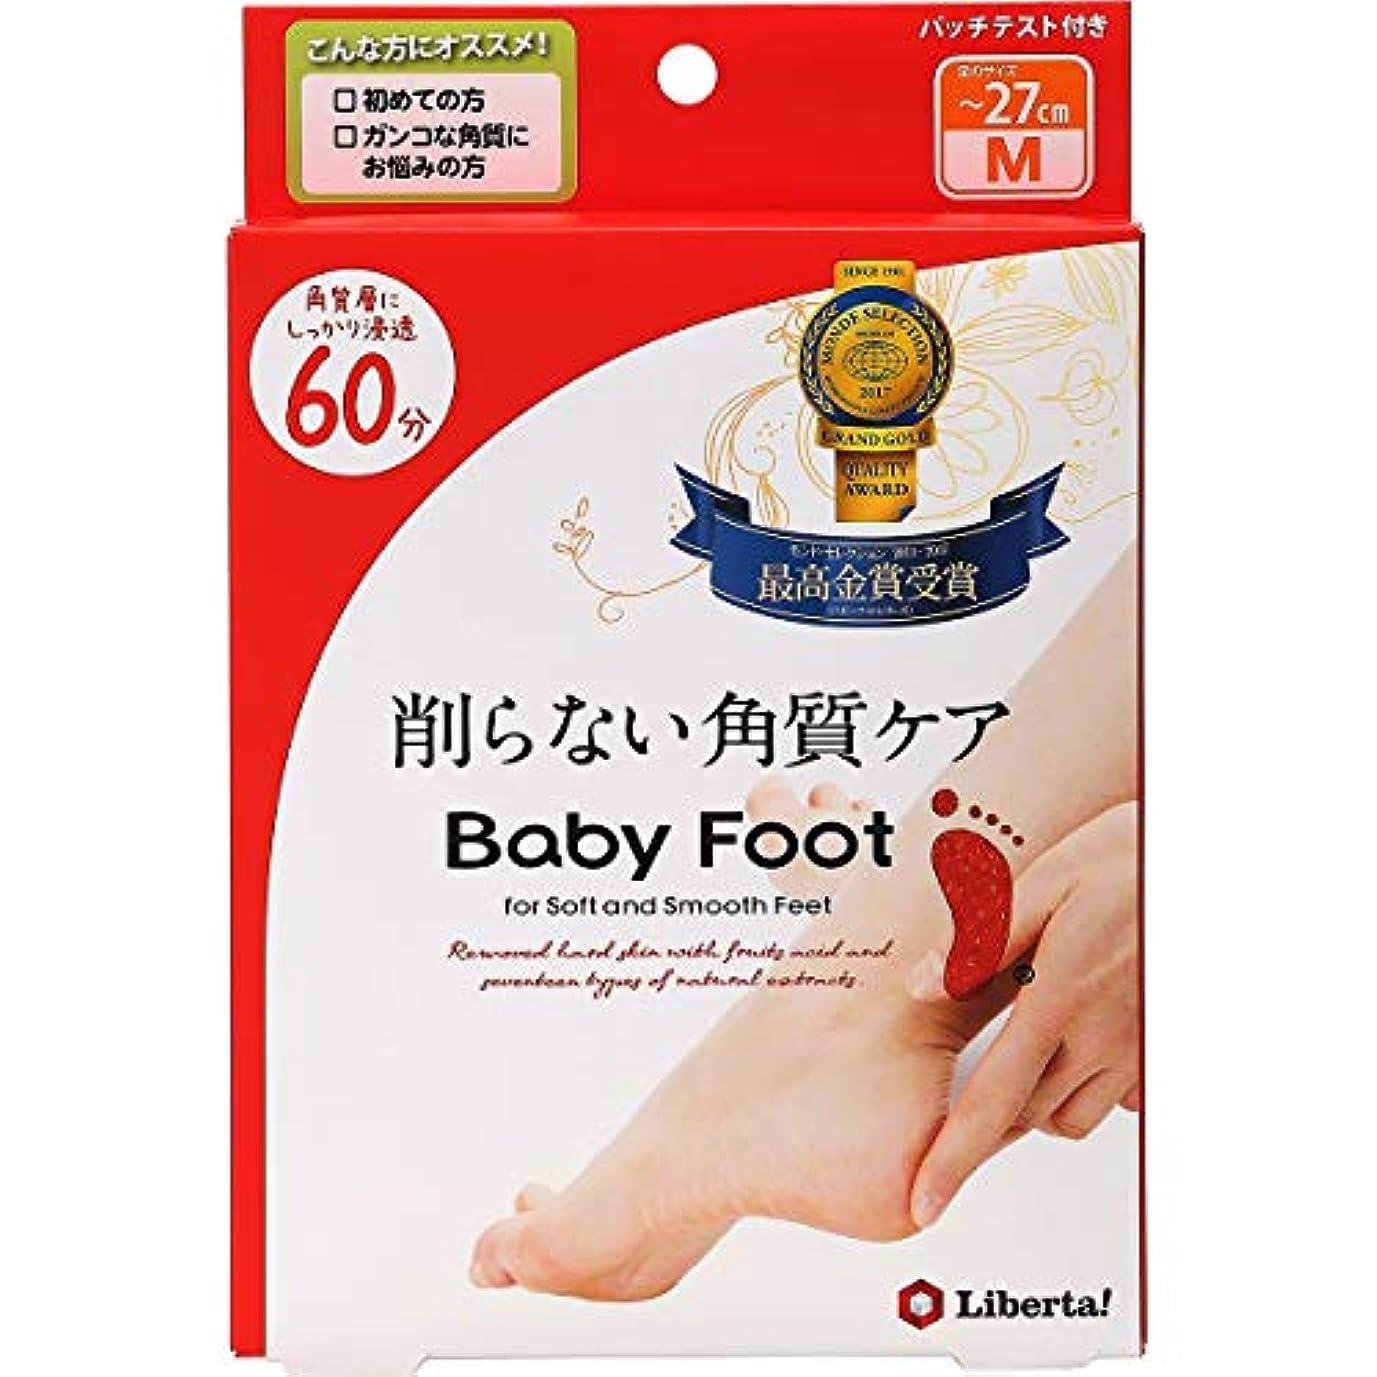 把握全国楽しいベビーフット (Baby Foot) ベビーフット イージーパック SPT60分タイプ Mサイズ 単品